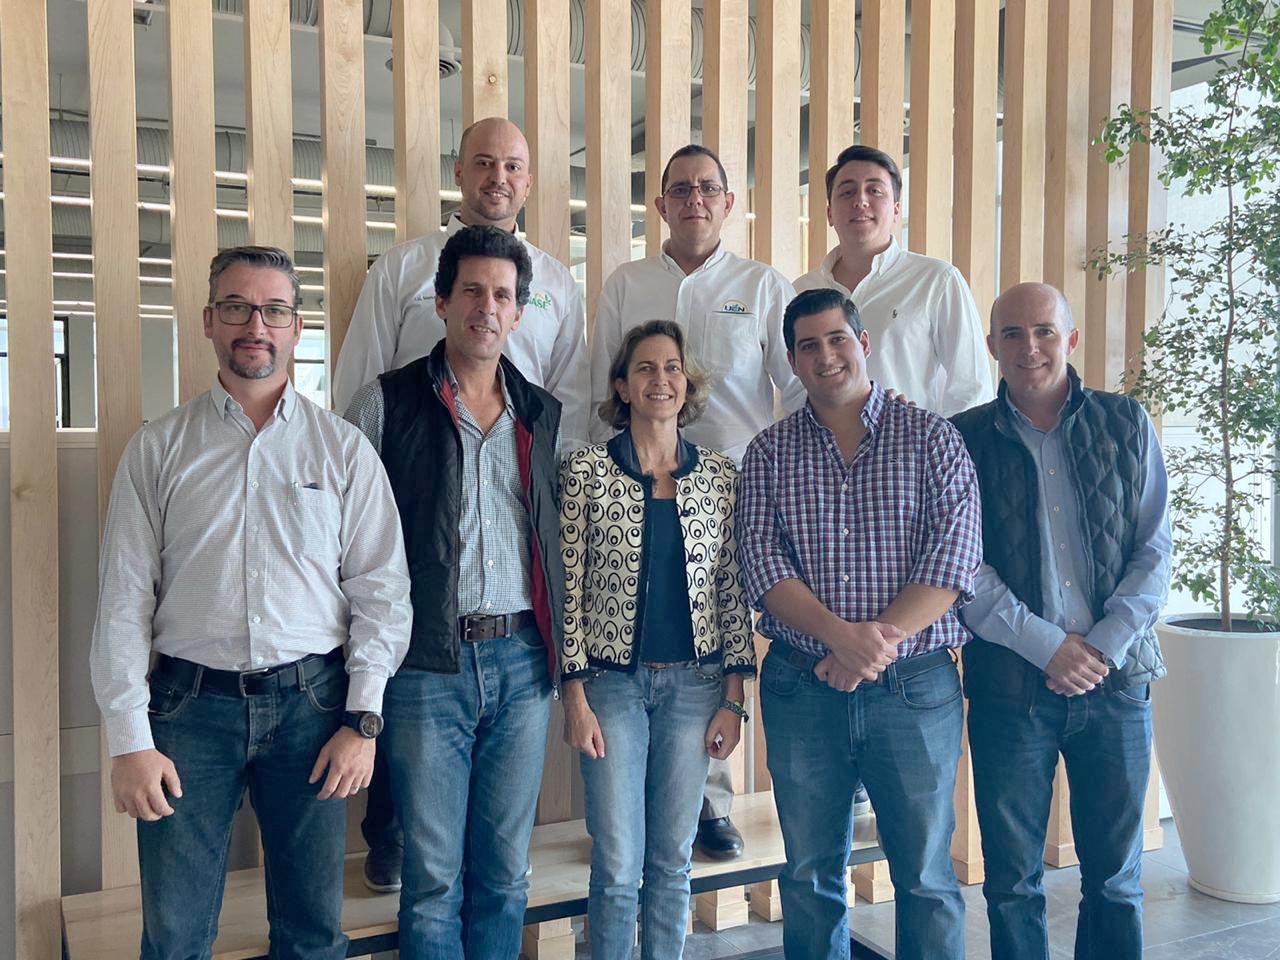 GRUPO SAMPOL FIRMA UN NUEVO PROYECTO EN AGUA PRIETA, MÉXICO